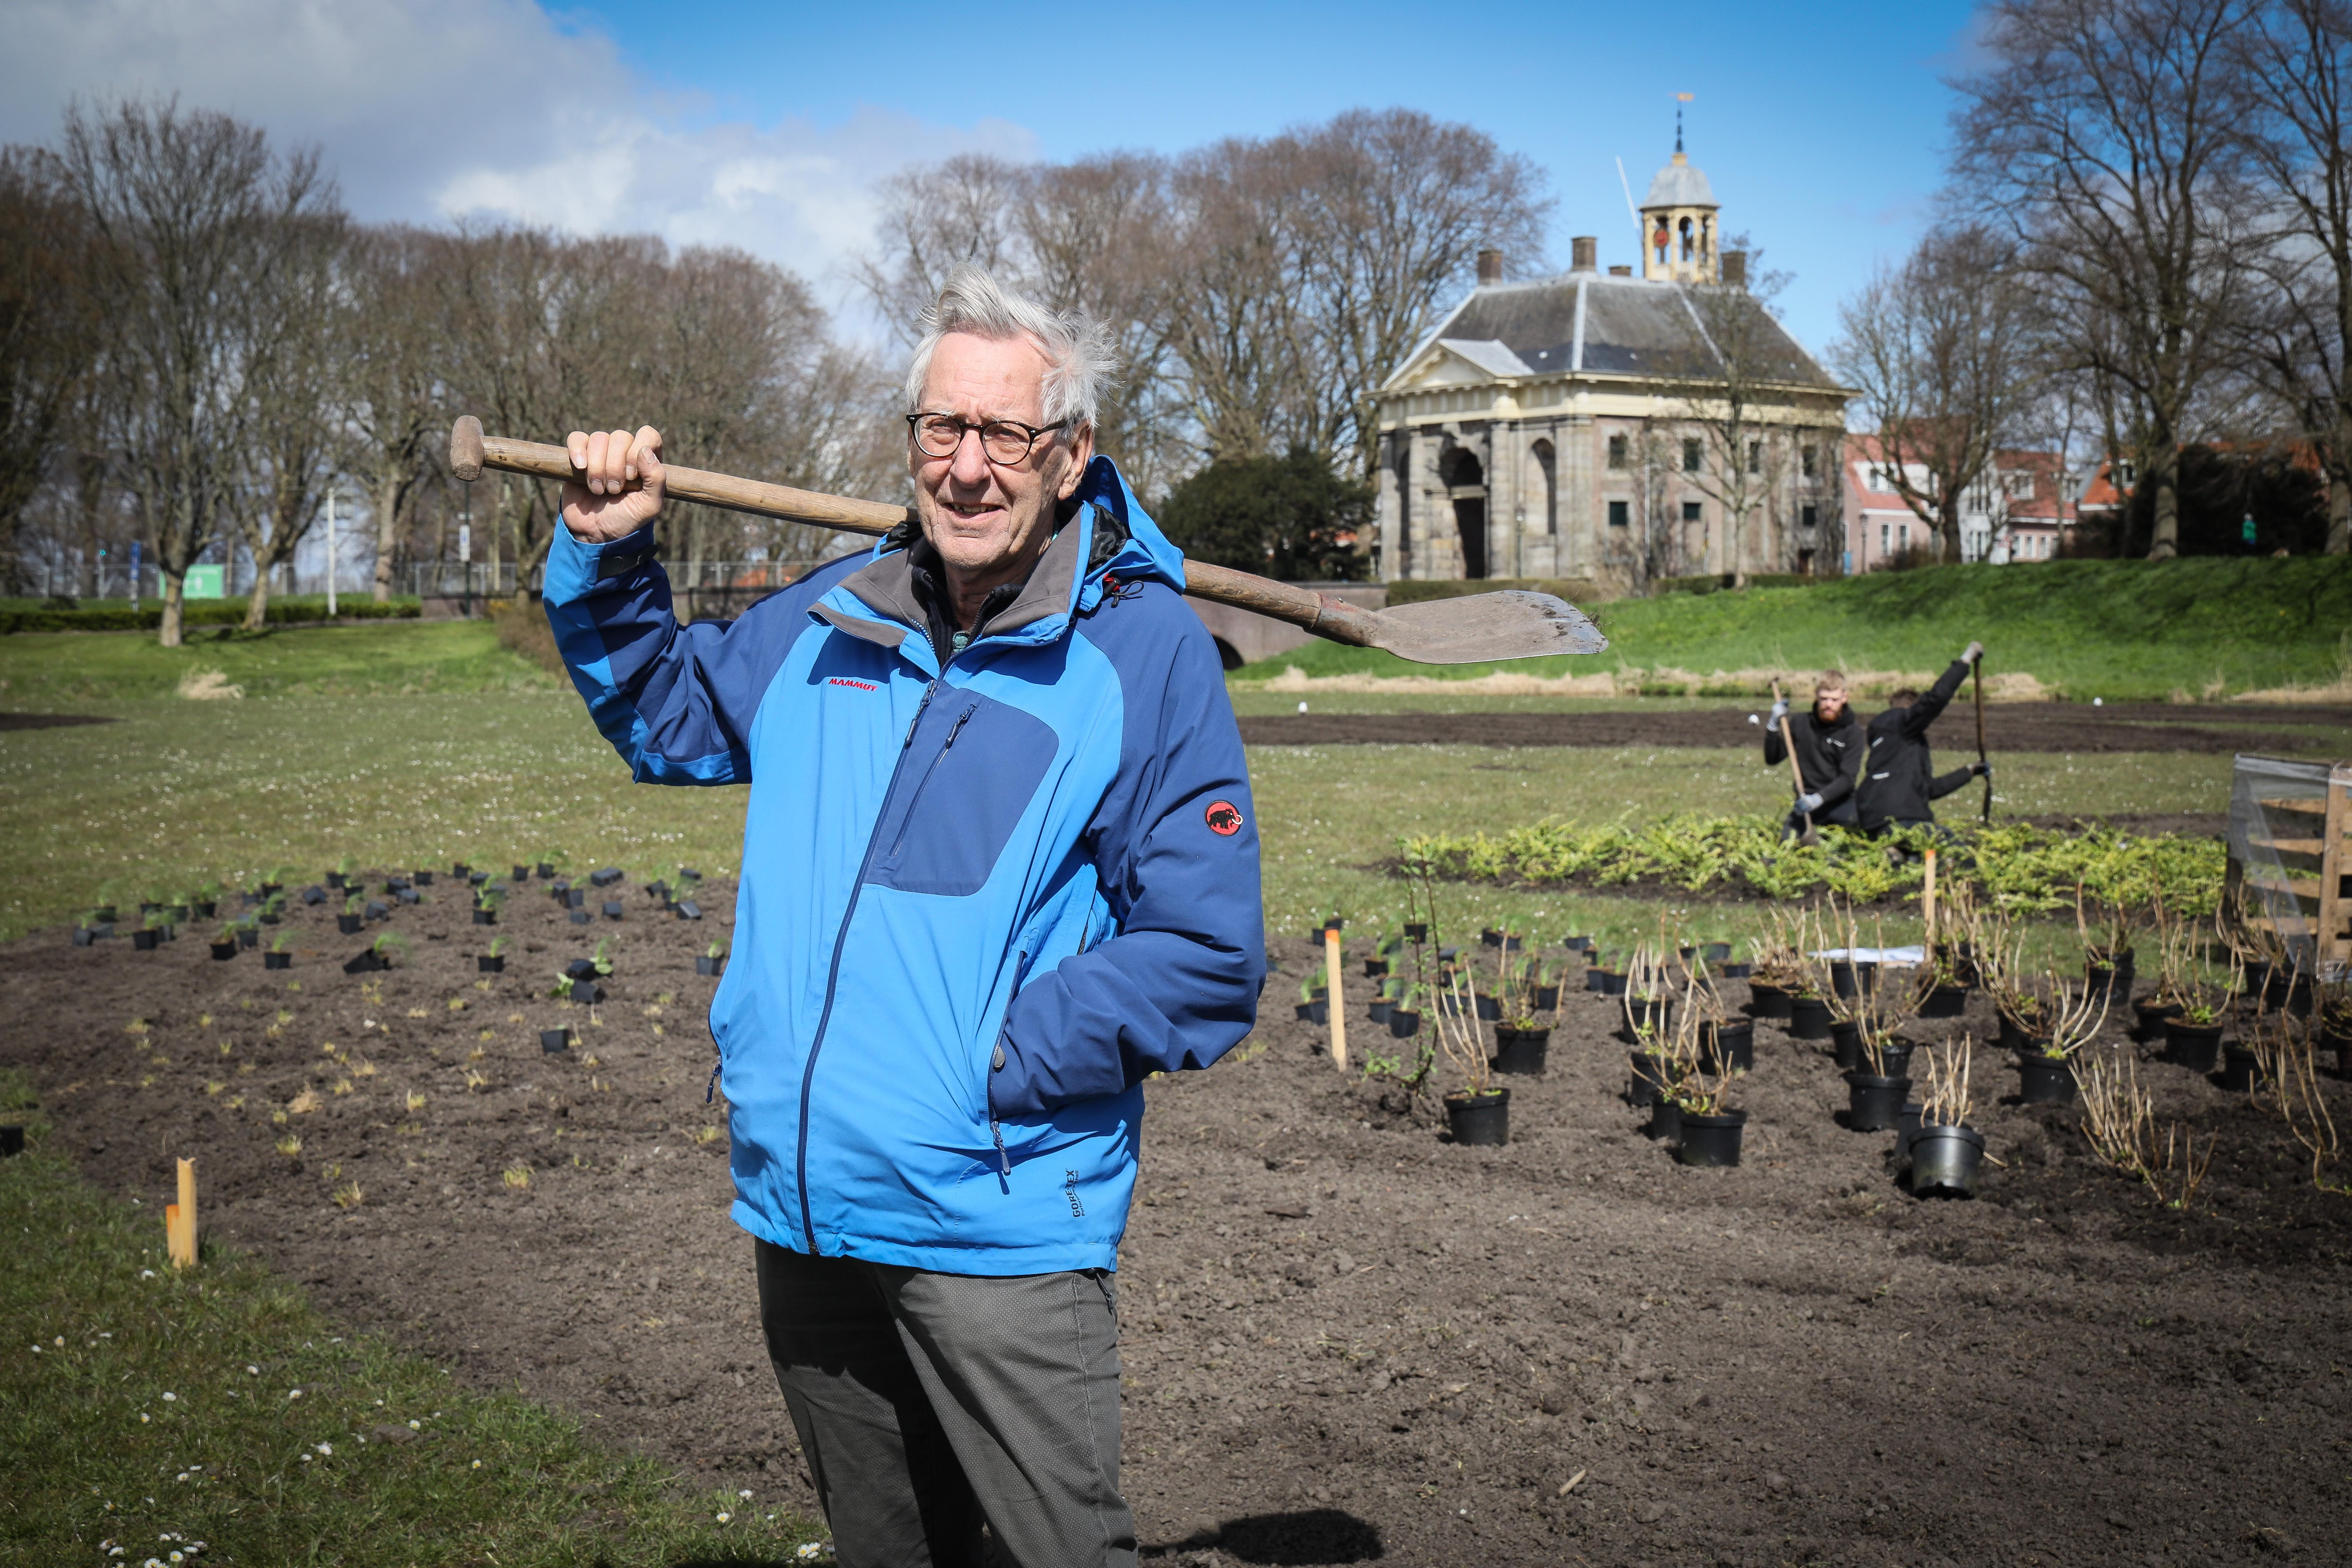 De Garden in Enkhuizen wordt etalage voor zaadwereld en hogeschool voor schooltuinen: jeugd in een schonere wereld laten opgroeien is een missie